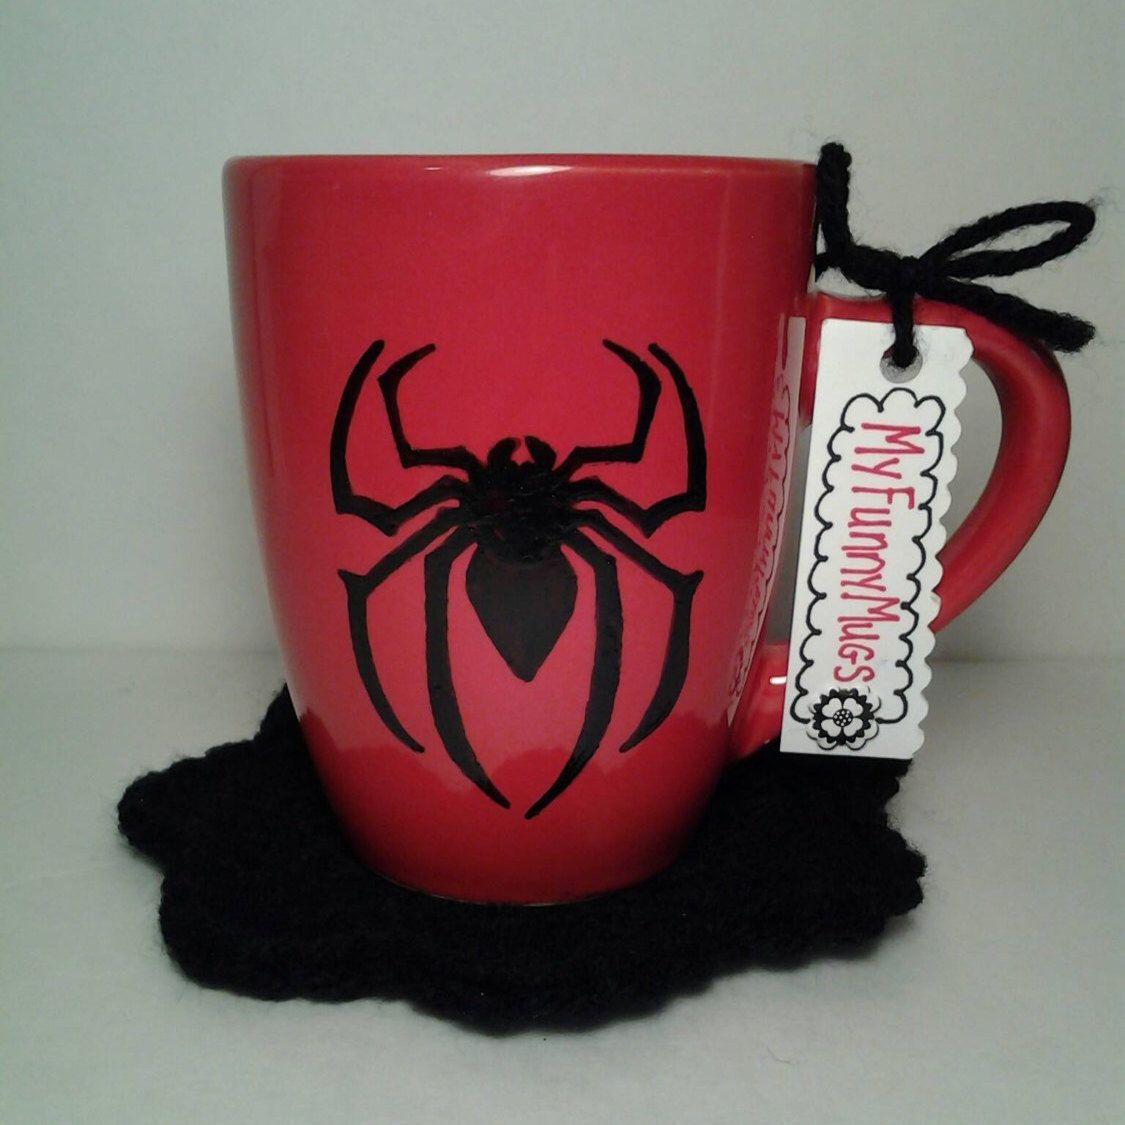 Tazza Personalizzata Fai Da Te spider mug - spider - spider gift - red and black mug - hand